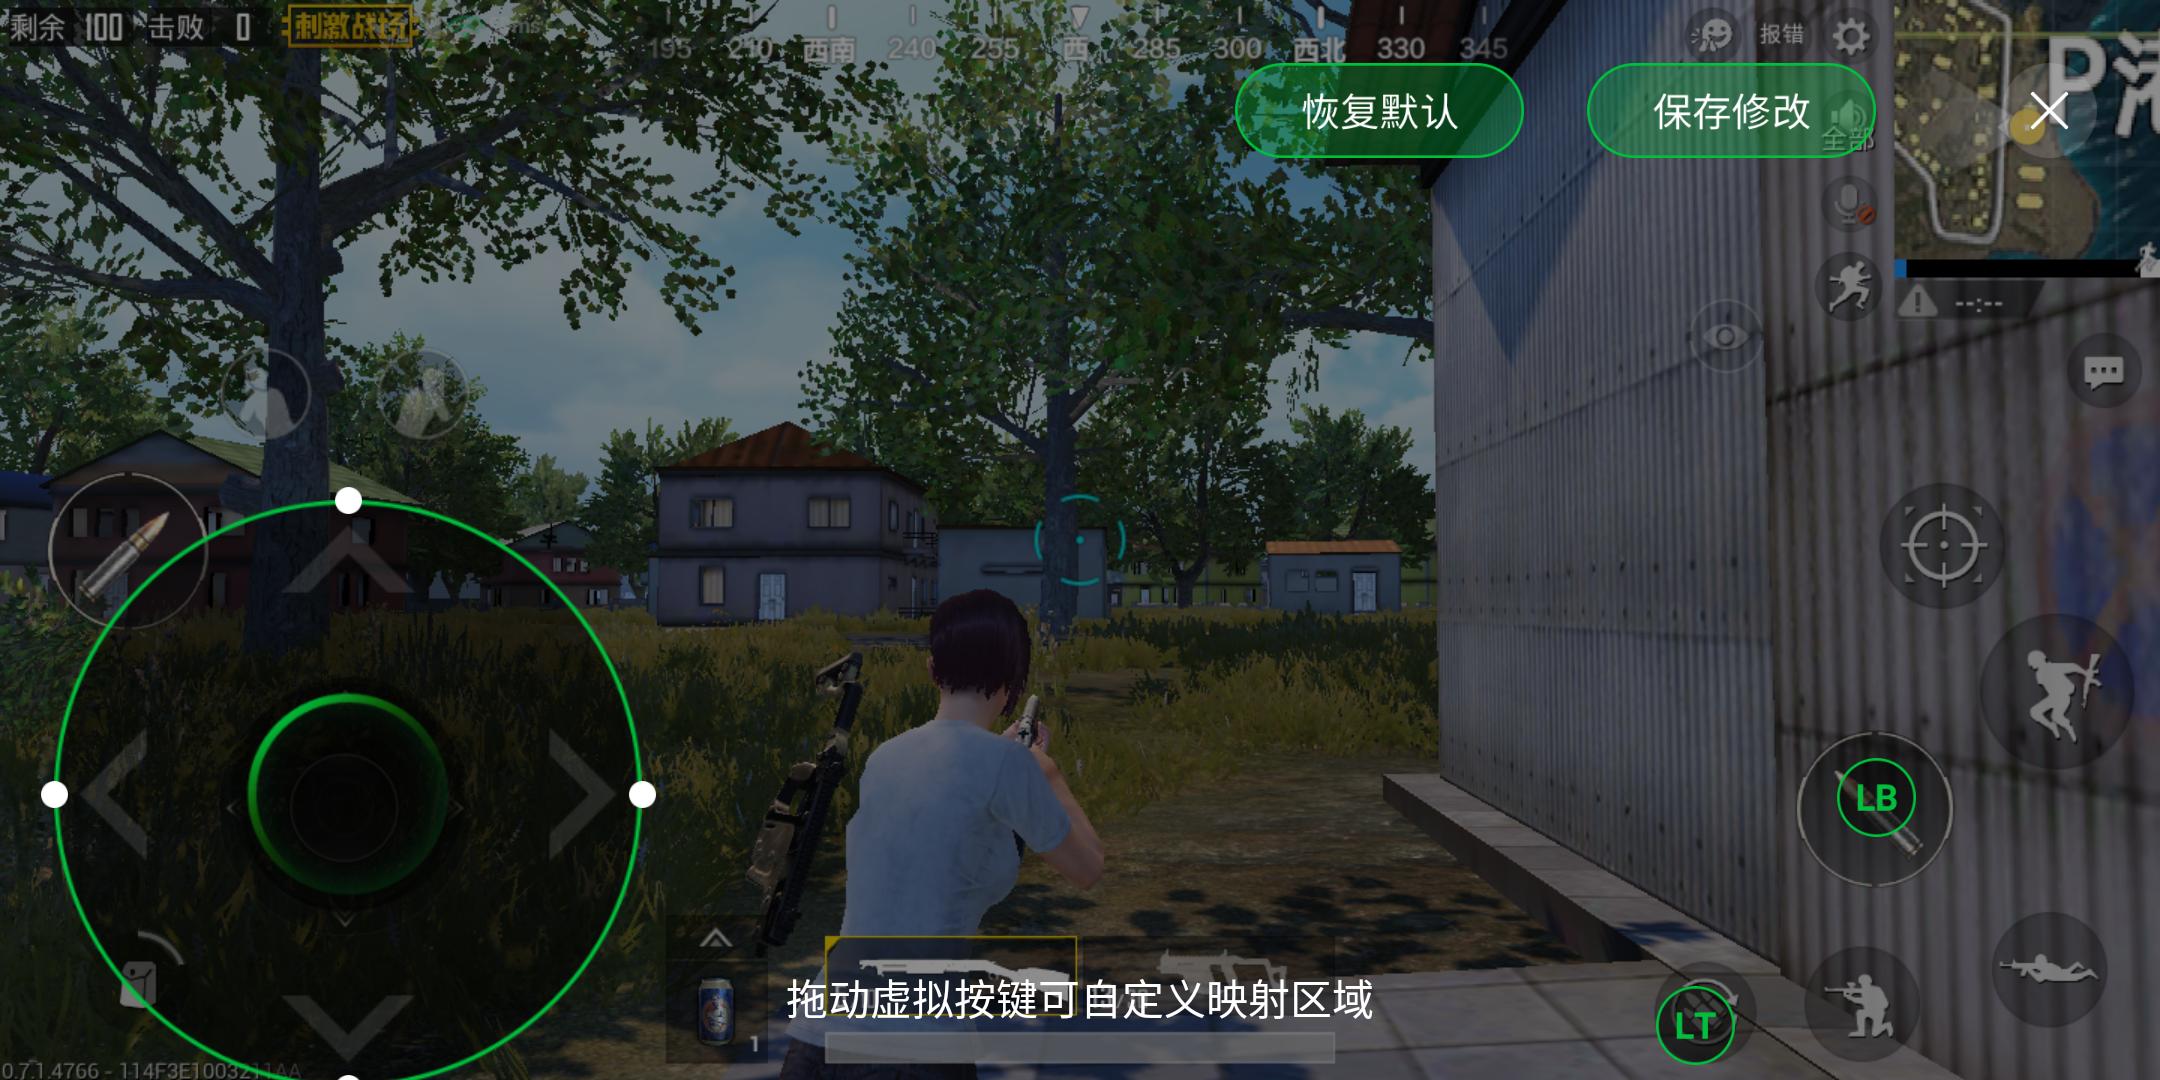 Screenshot_2018-06-05-14-46-16-803_com.tencent.tmgp.pubgmhd.png